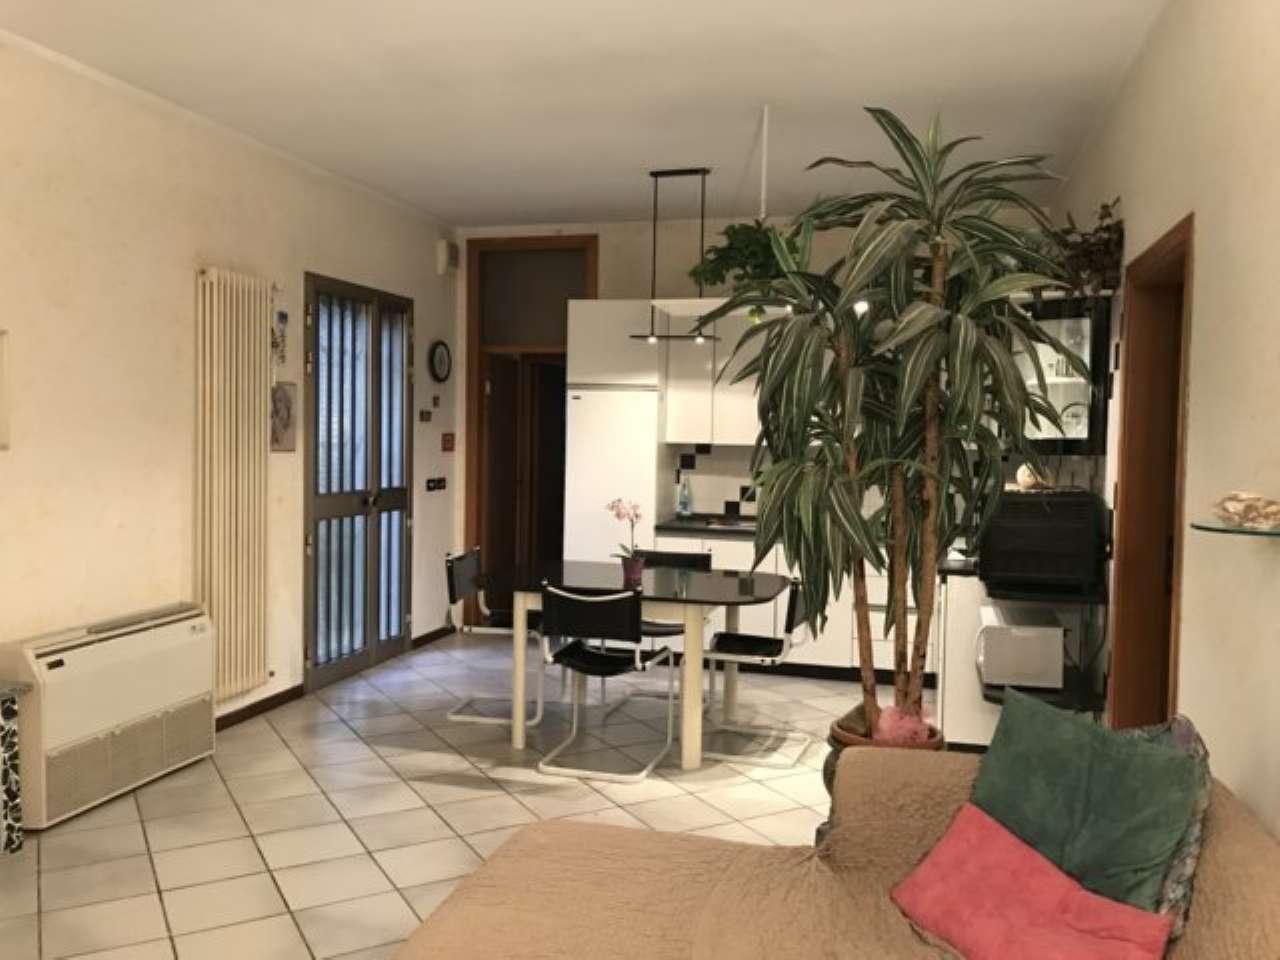 Appartamento in vendita a Savignano sul Rubicone, 4 locali, prezzo € 200.000 | CambioCasa.it